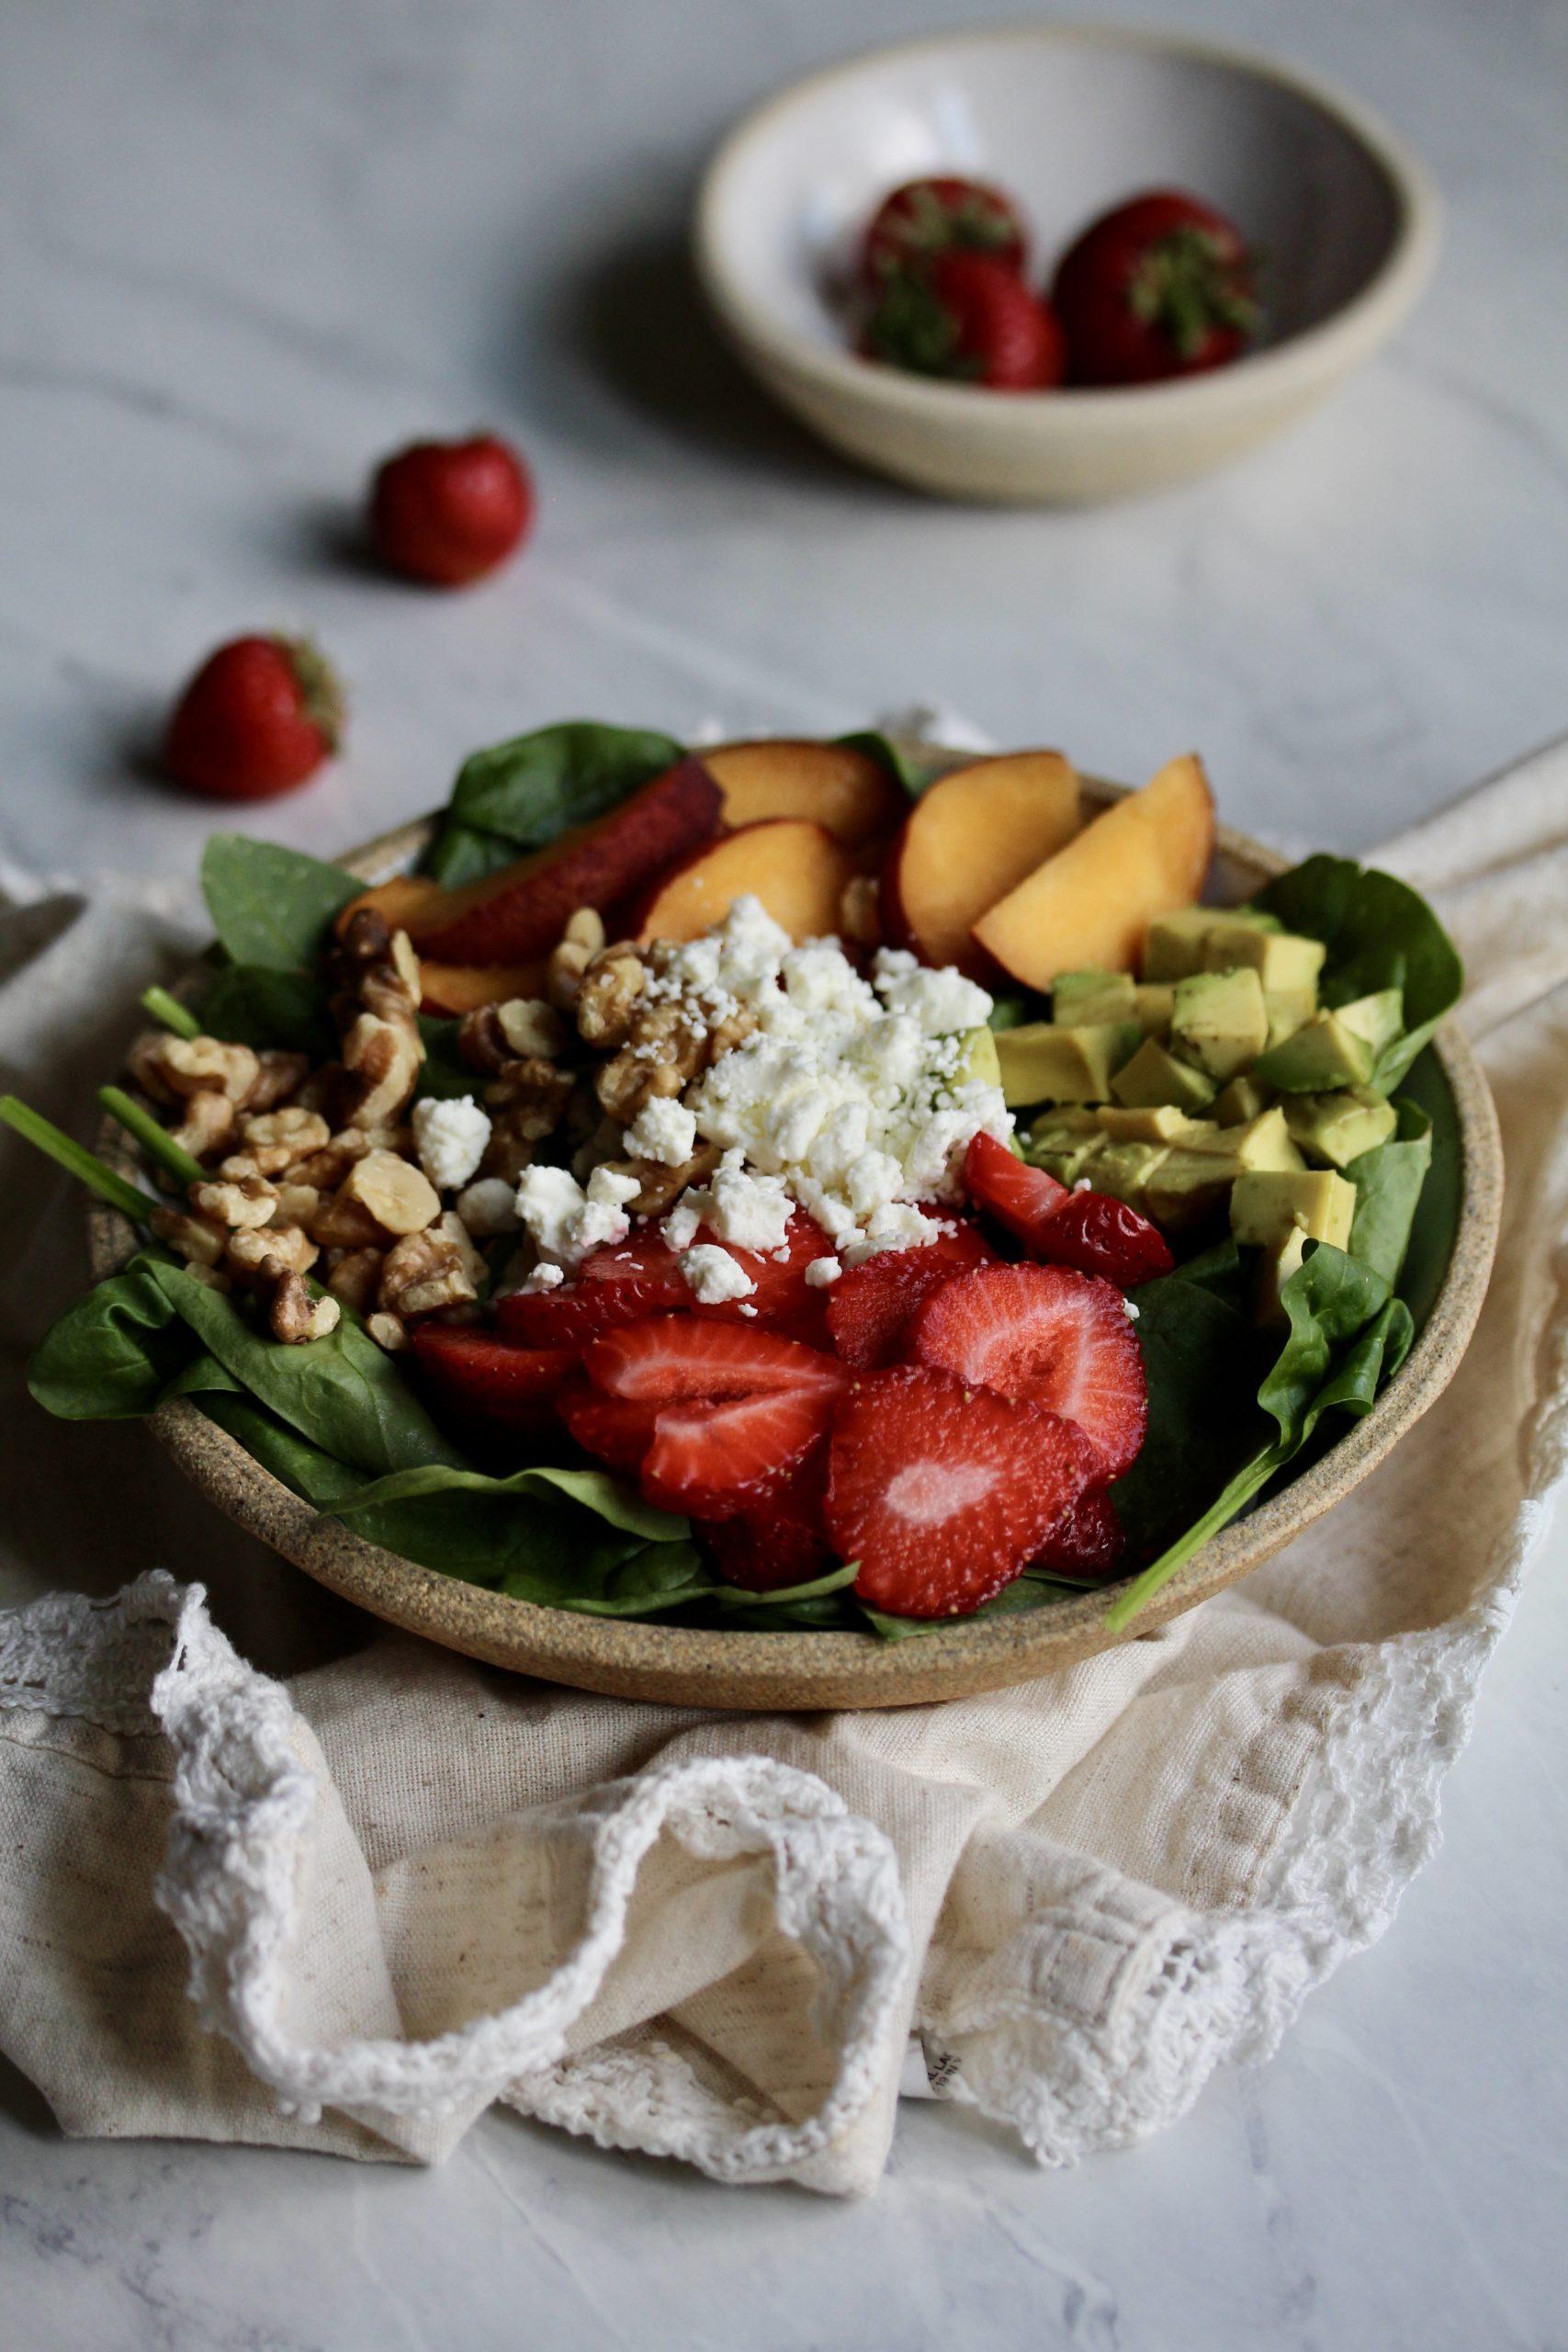 Strawberry Peach Spinach Salad | sarahaasrdn.com